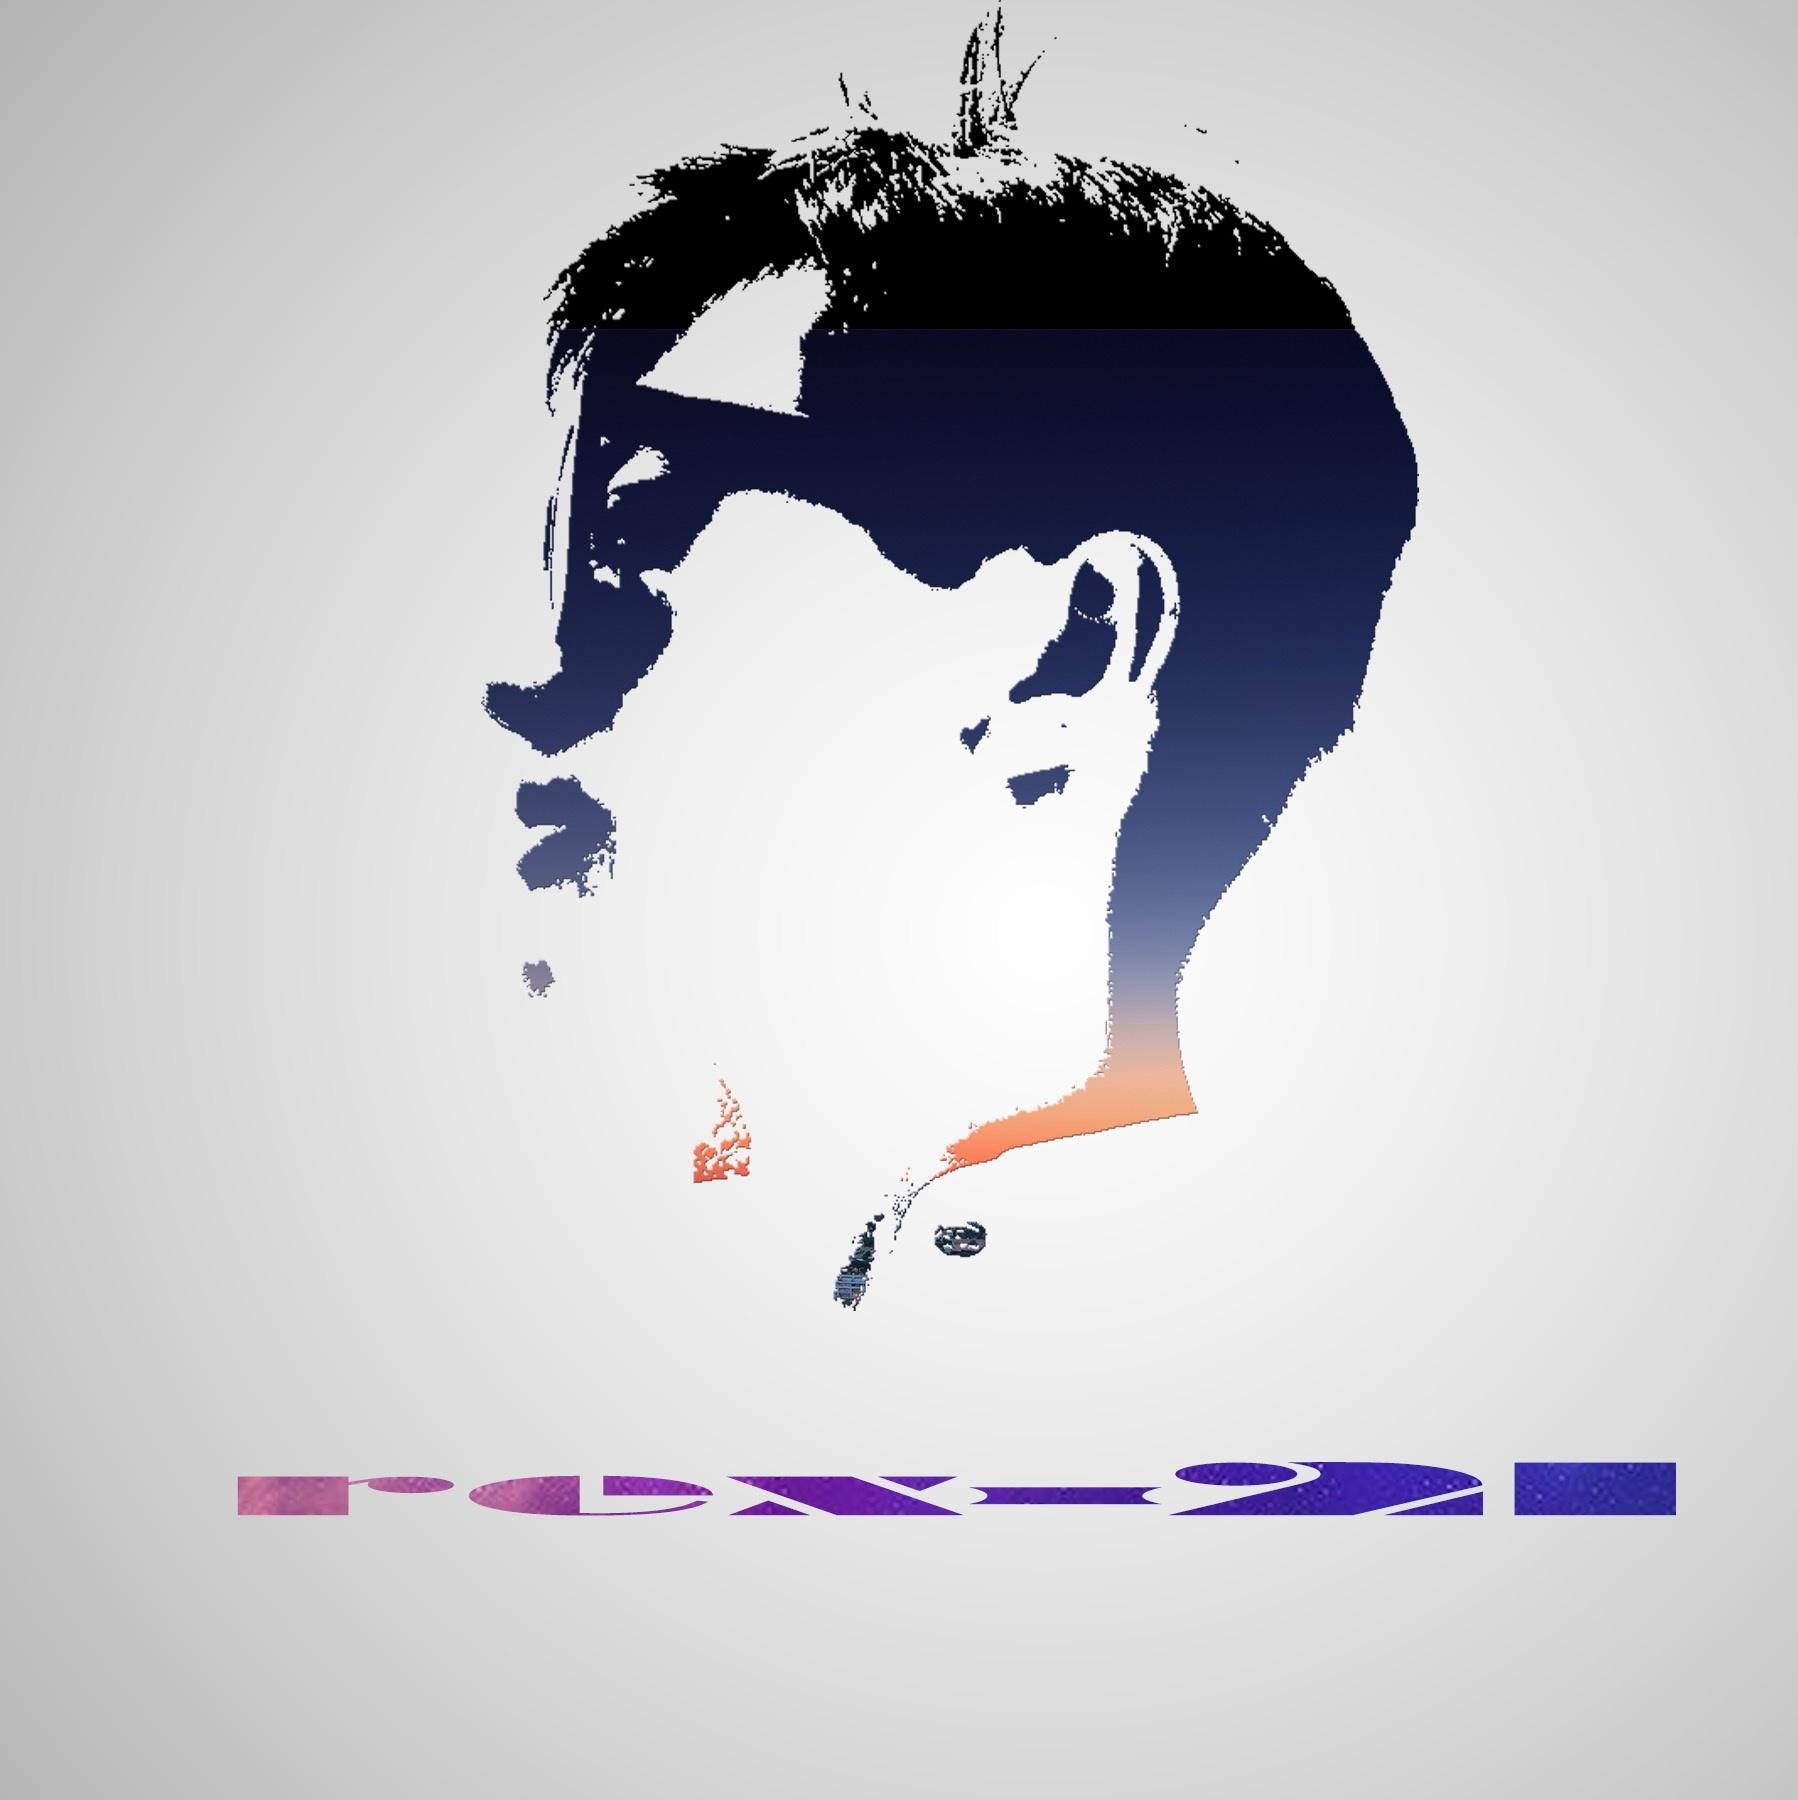 free images hand brand font art sketch illustration